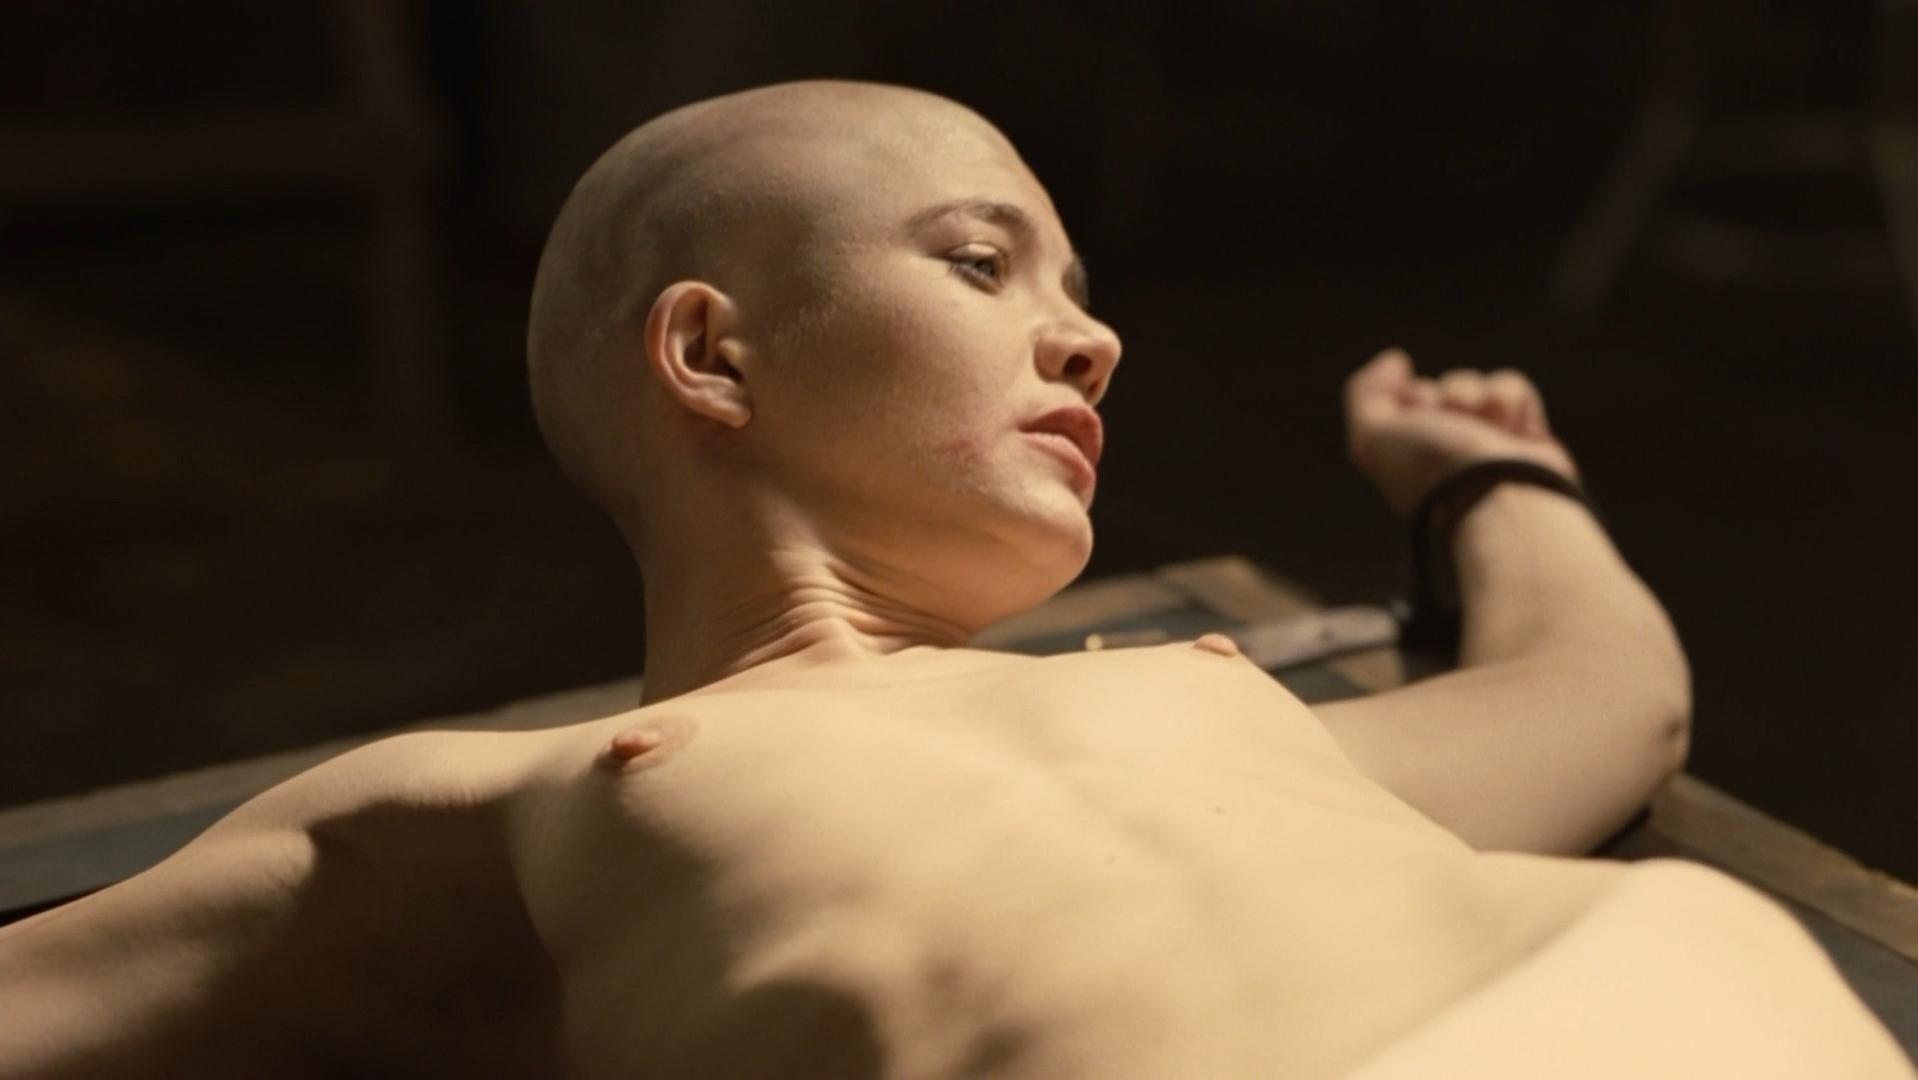 nude Delphine chaneac